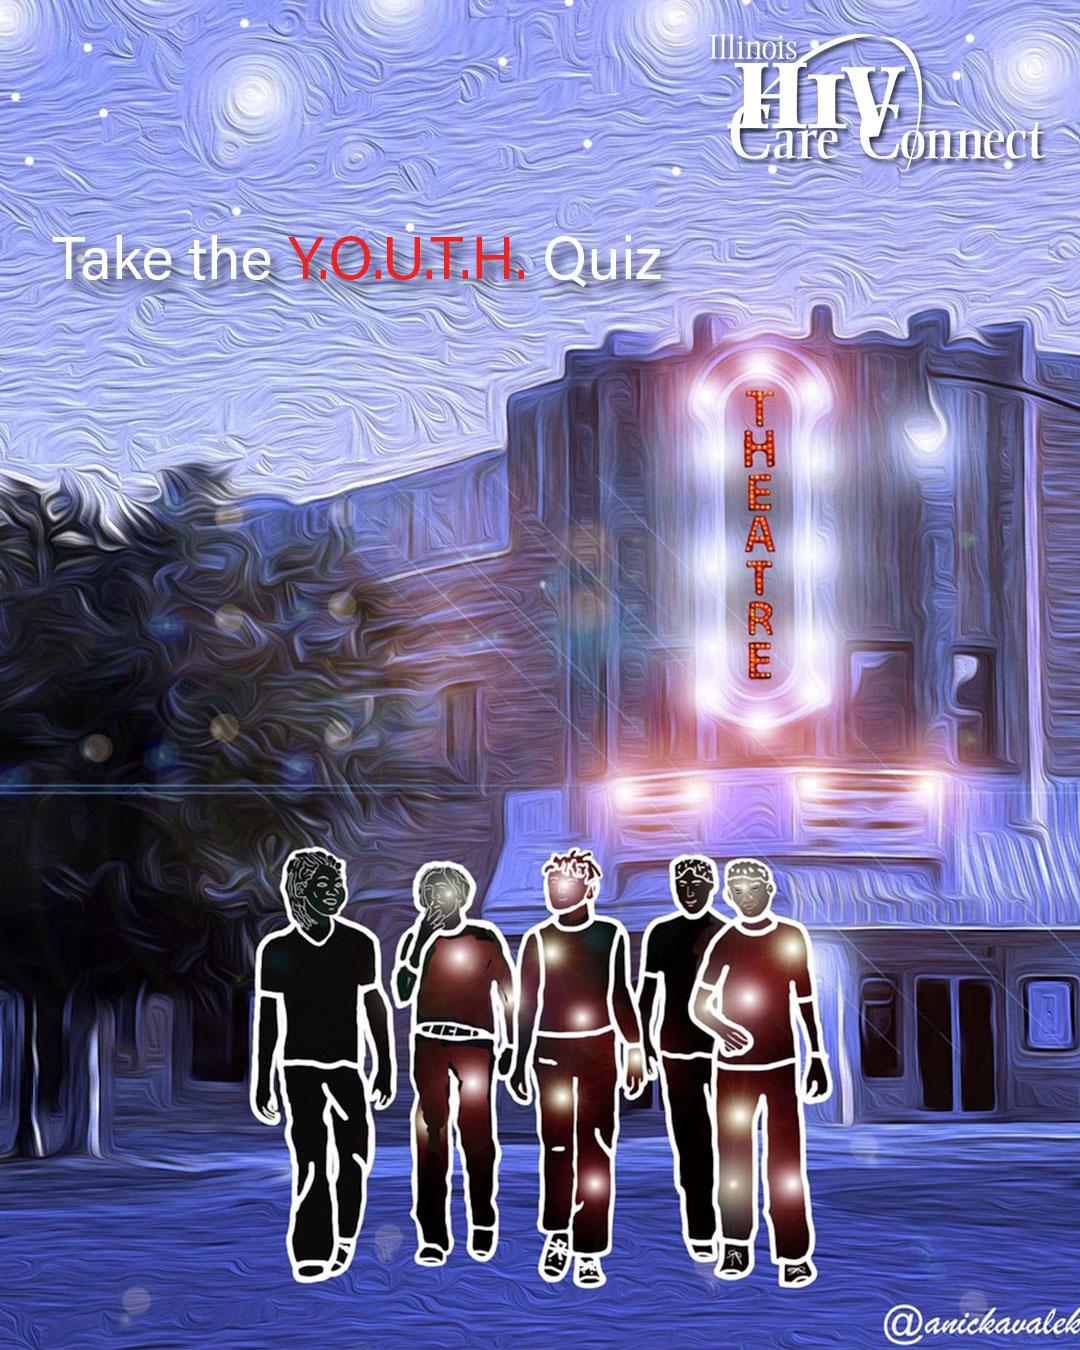 Take the Y.O.U.T.H. Quiz